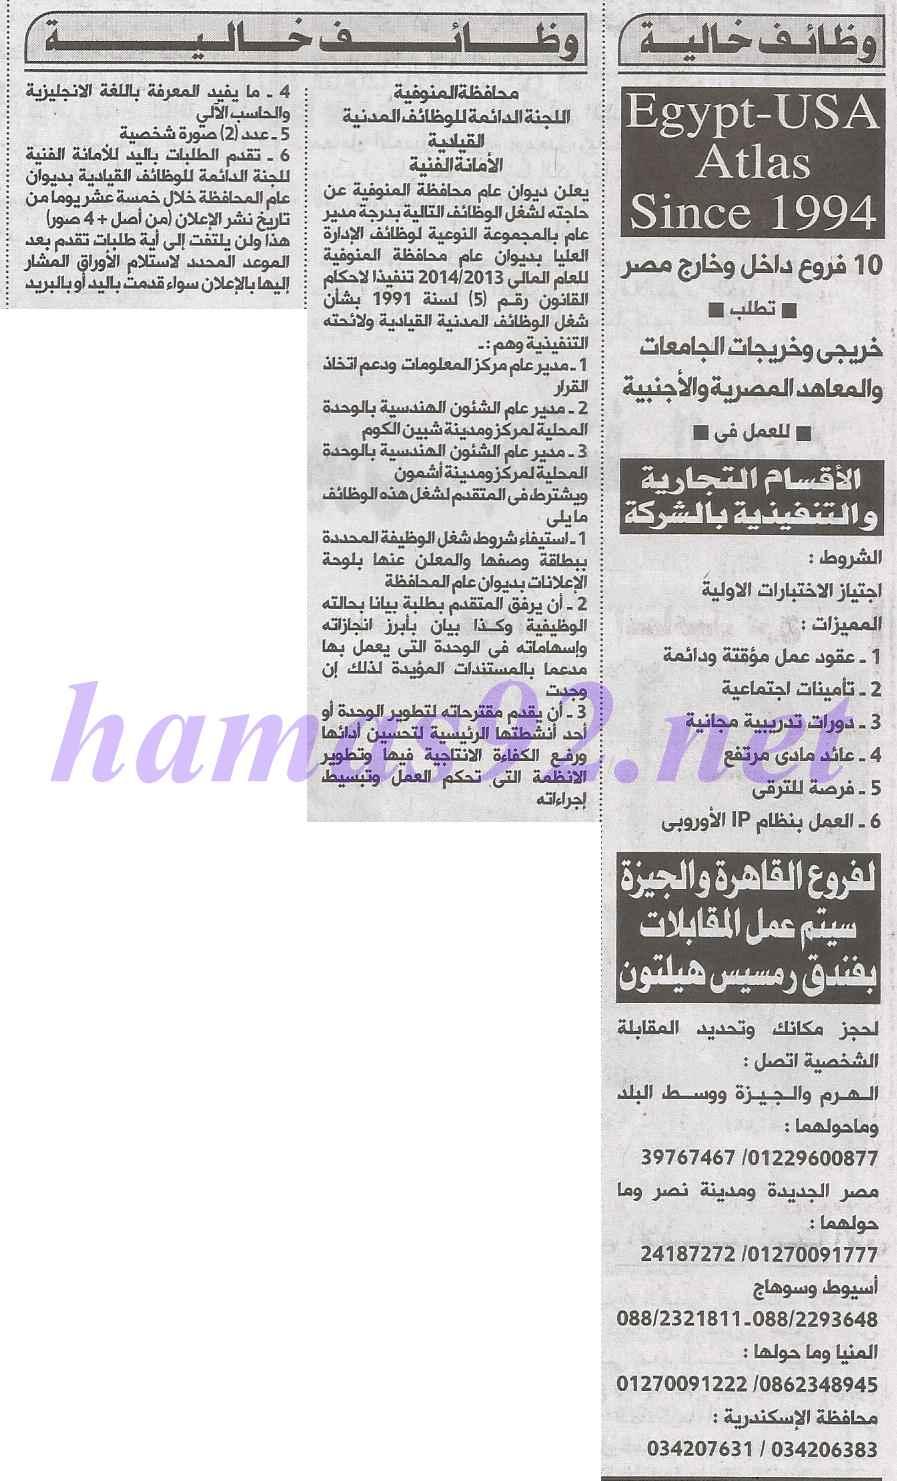 وظائف جريدة الاهرام اليوم الاثنين 28/4/2014 , فرص عمل لخريجى وخريجات الجامعات والمعاهد المصرية